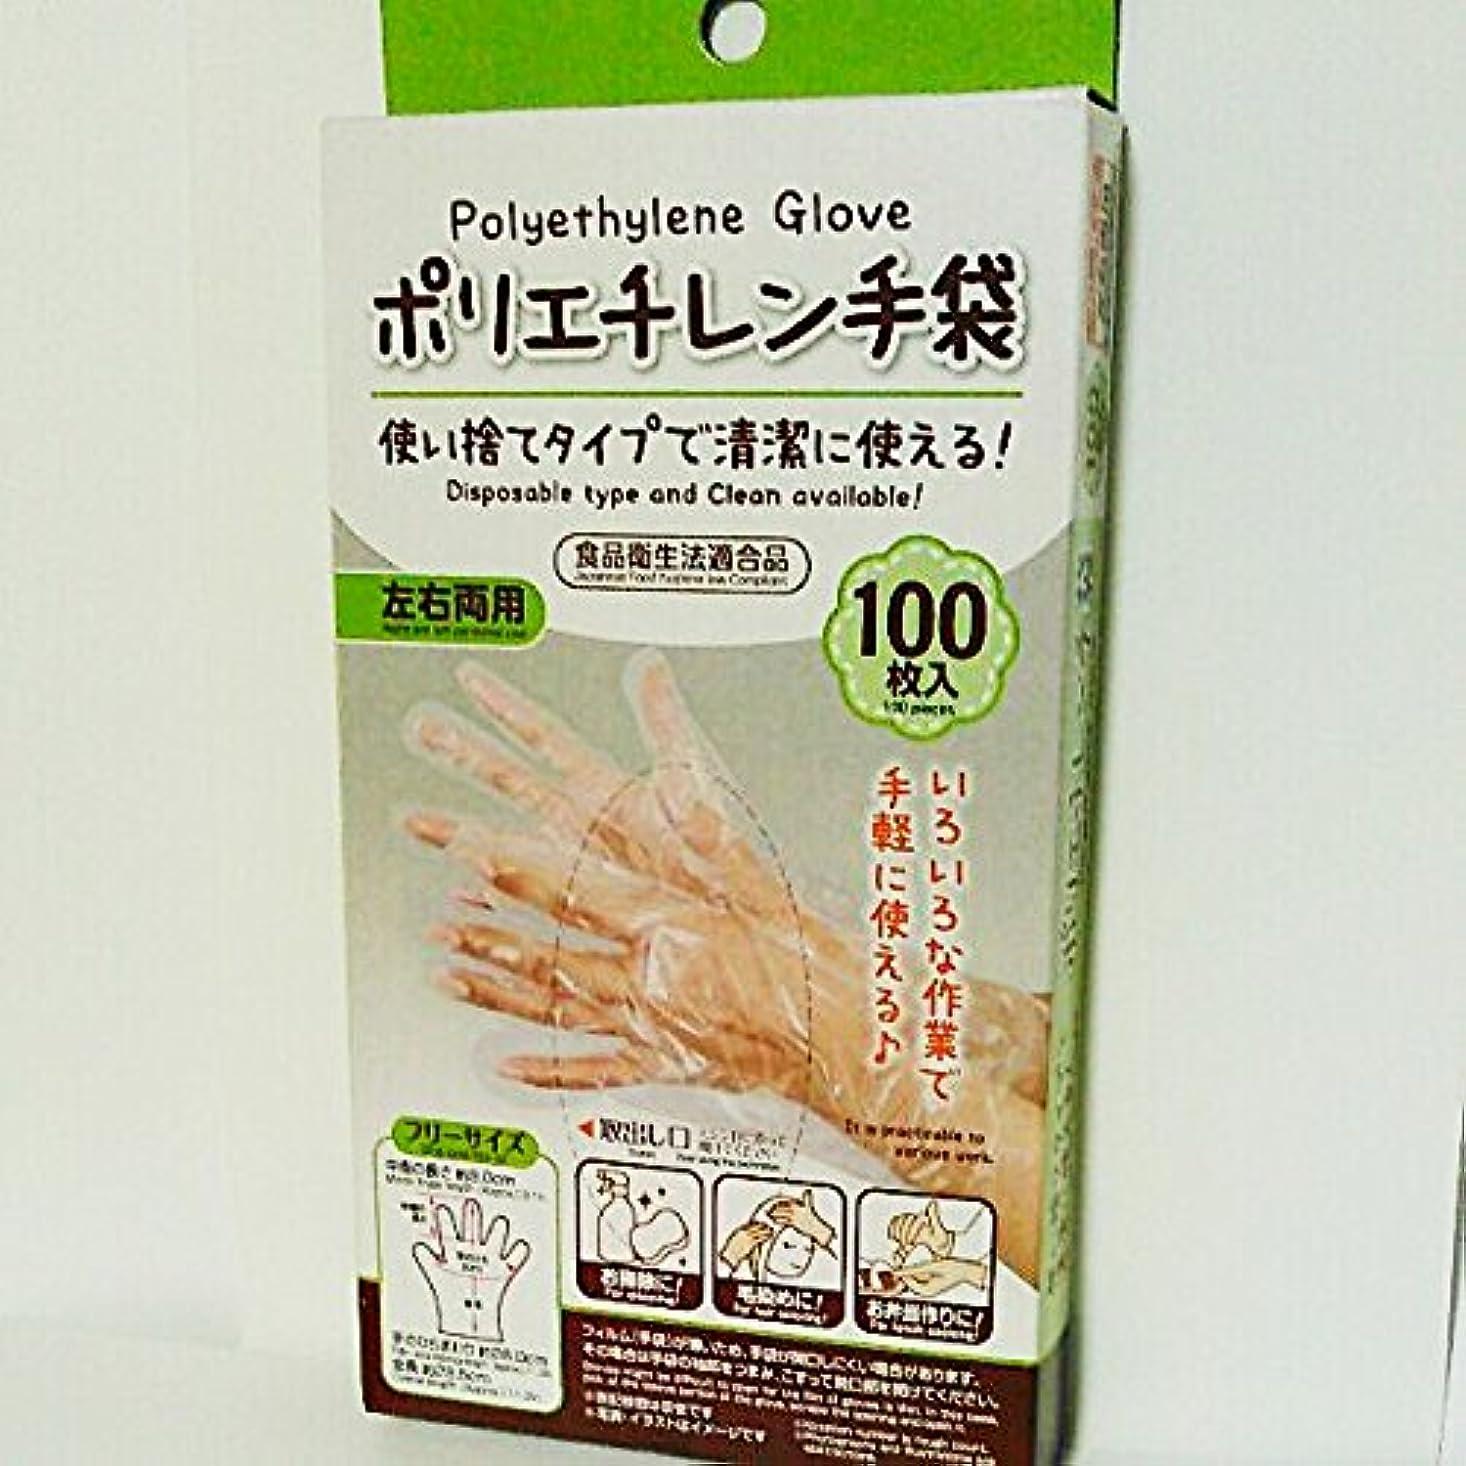 喉が渇いた思春期の効能あるポリエチレン手袋 100枚入り